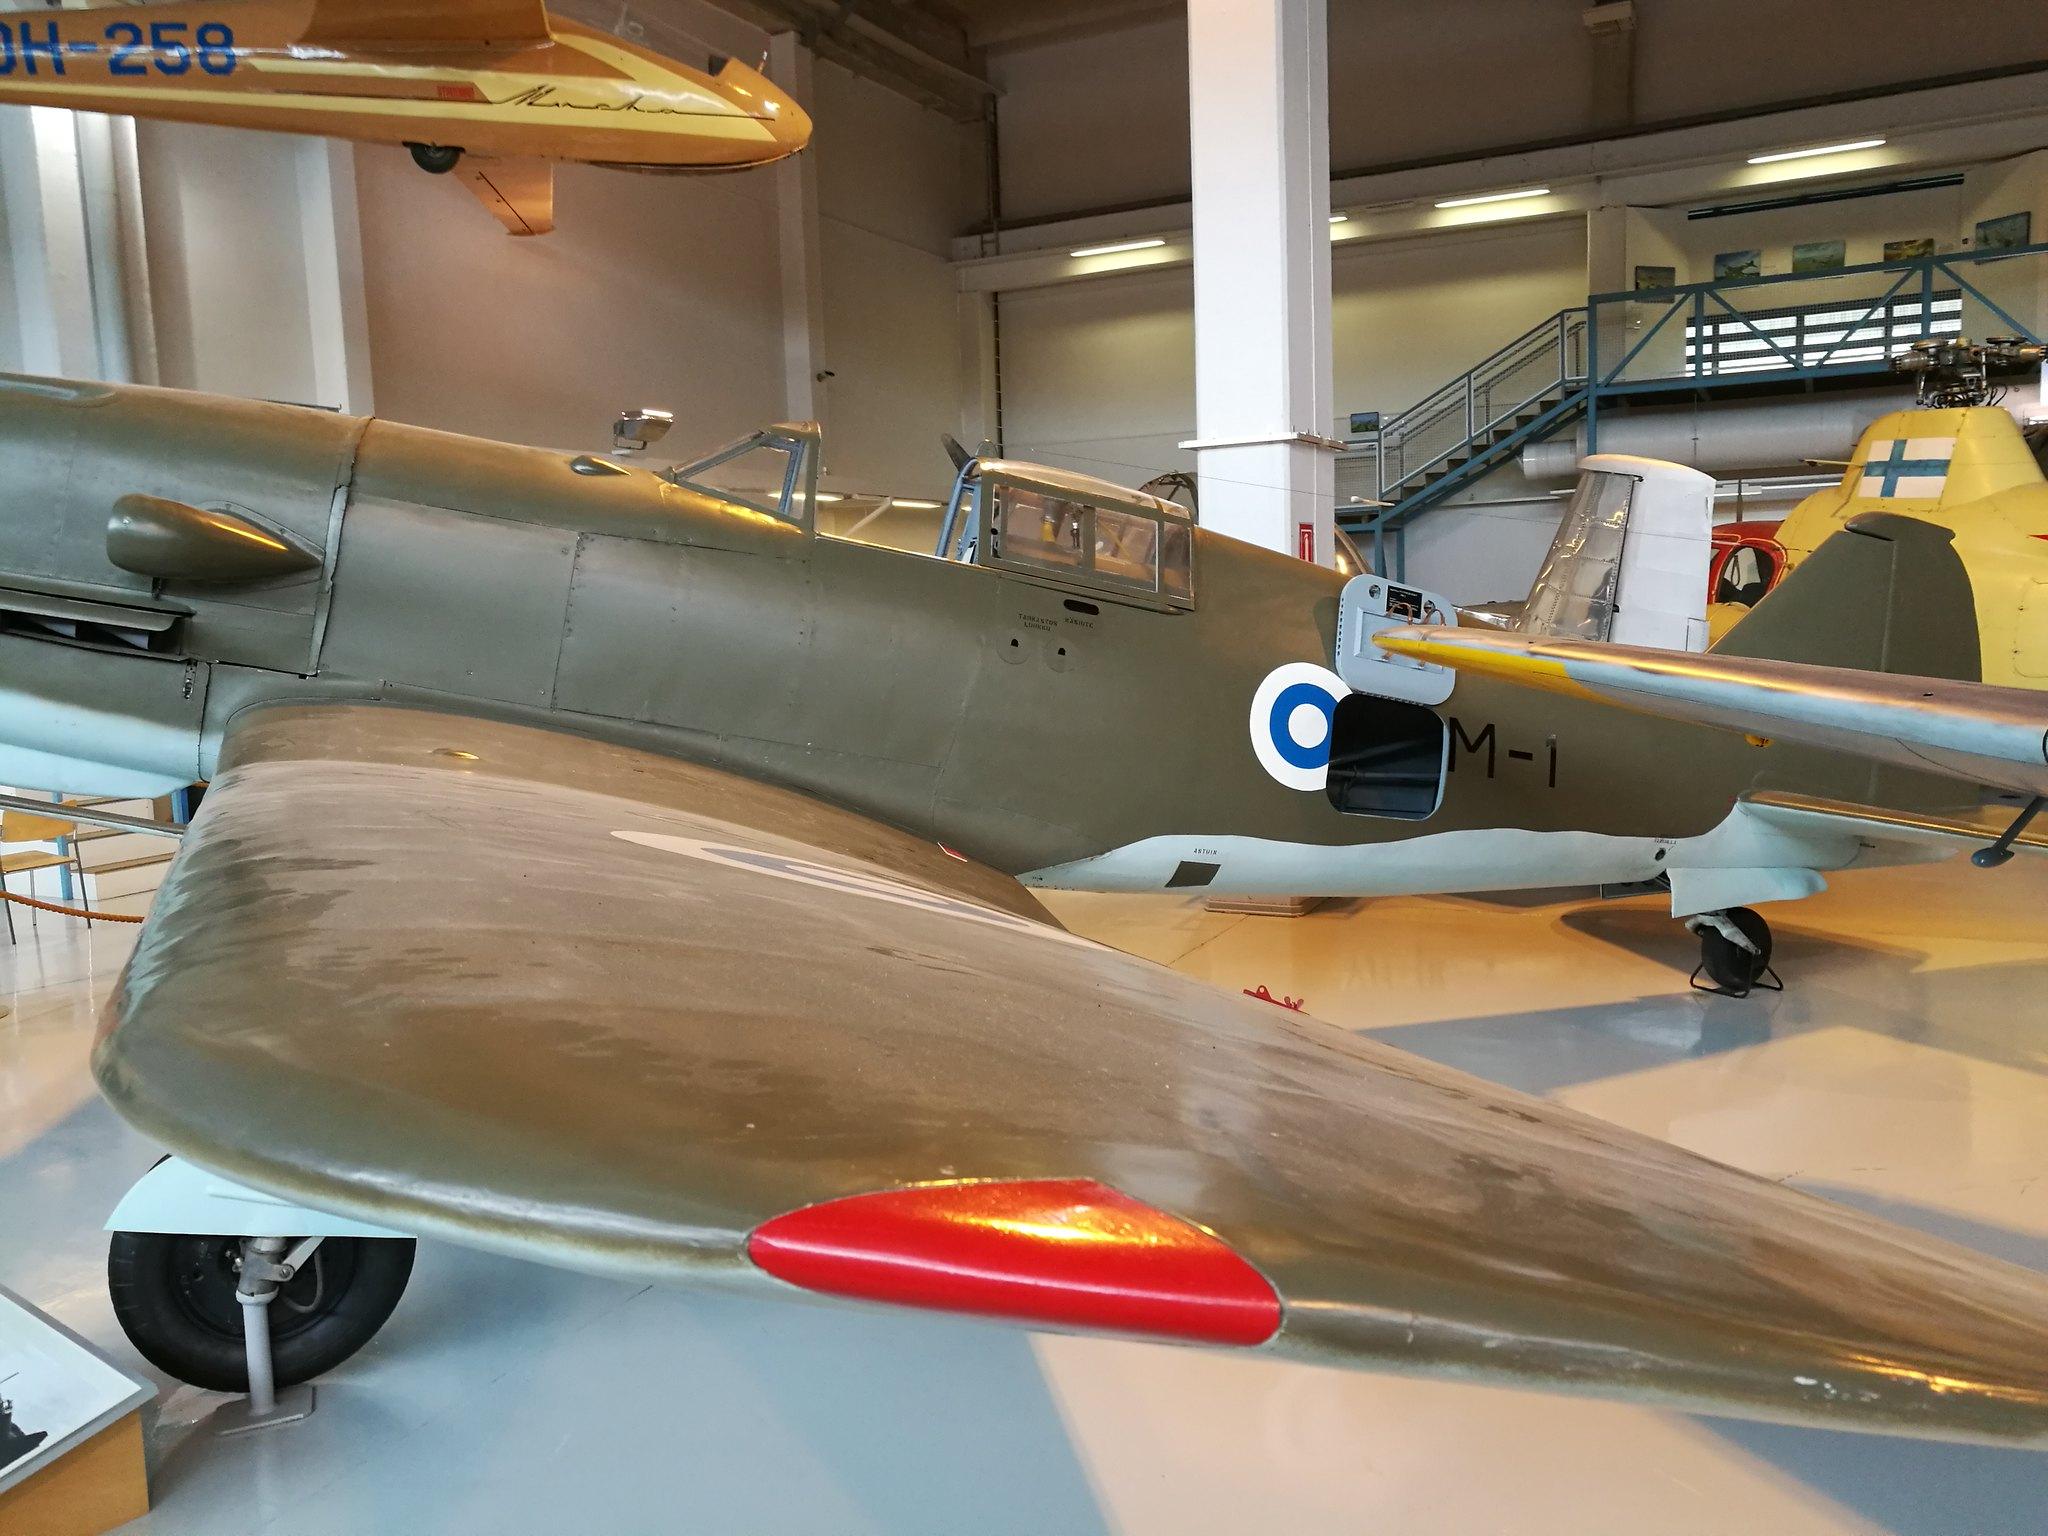 Hemkommen från semester i Finland med utflykt till Finlands Flygvapenmuseum. 48293060727_e91554b9a3_k